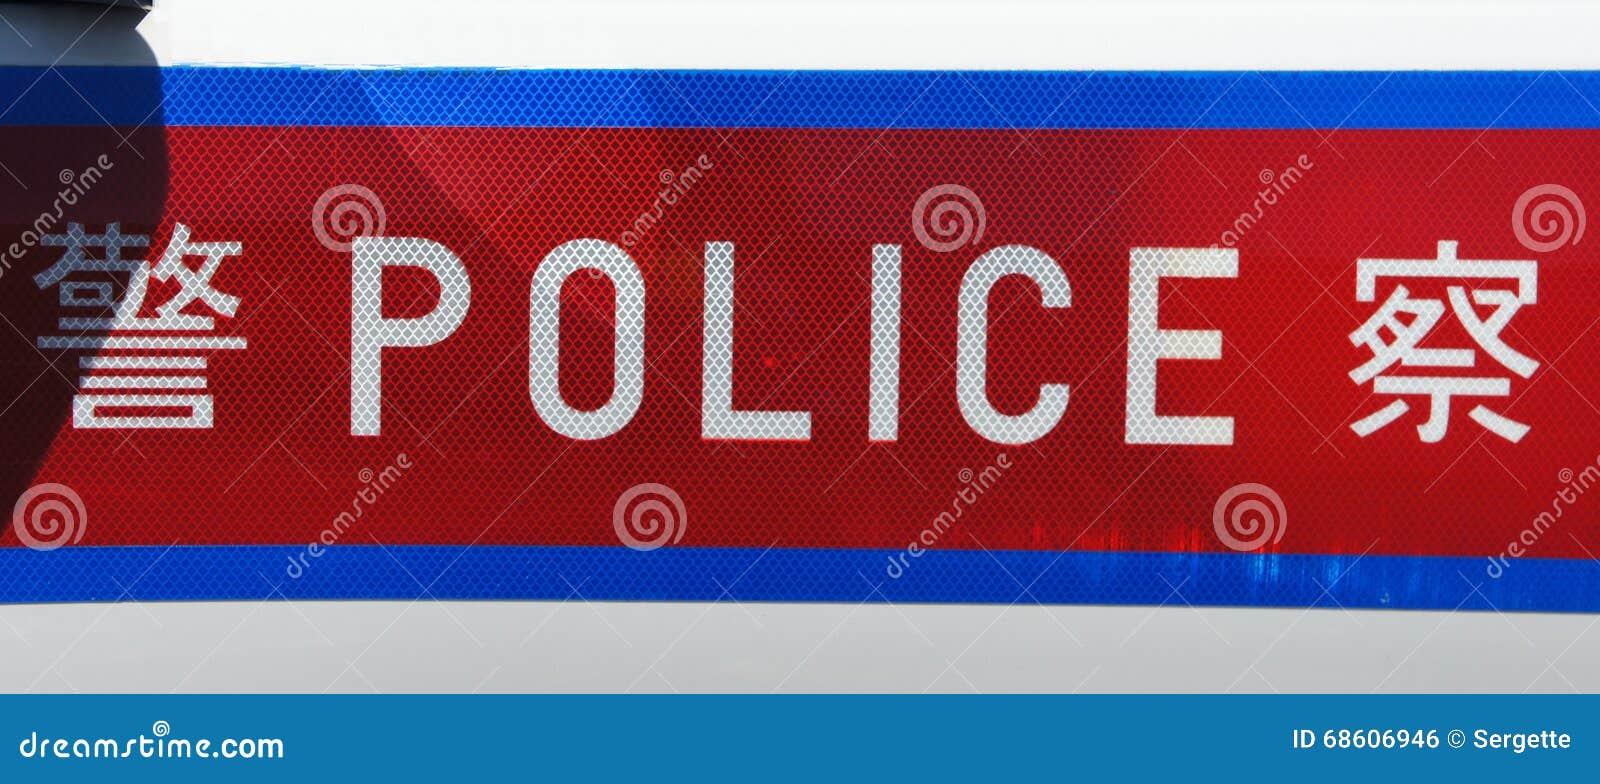 Fahnen Polizei Die Aufschrift Auf Dem Auto Stockfoto Bild Von